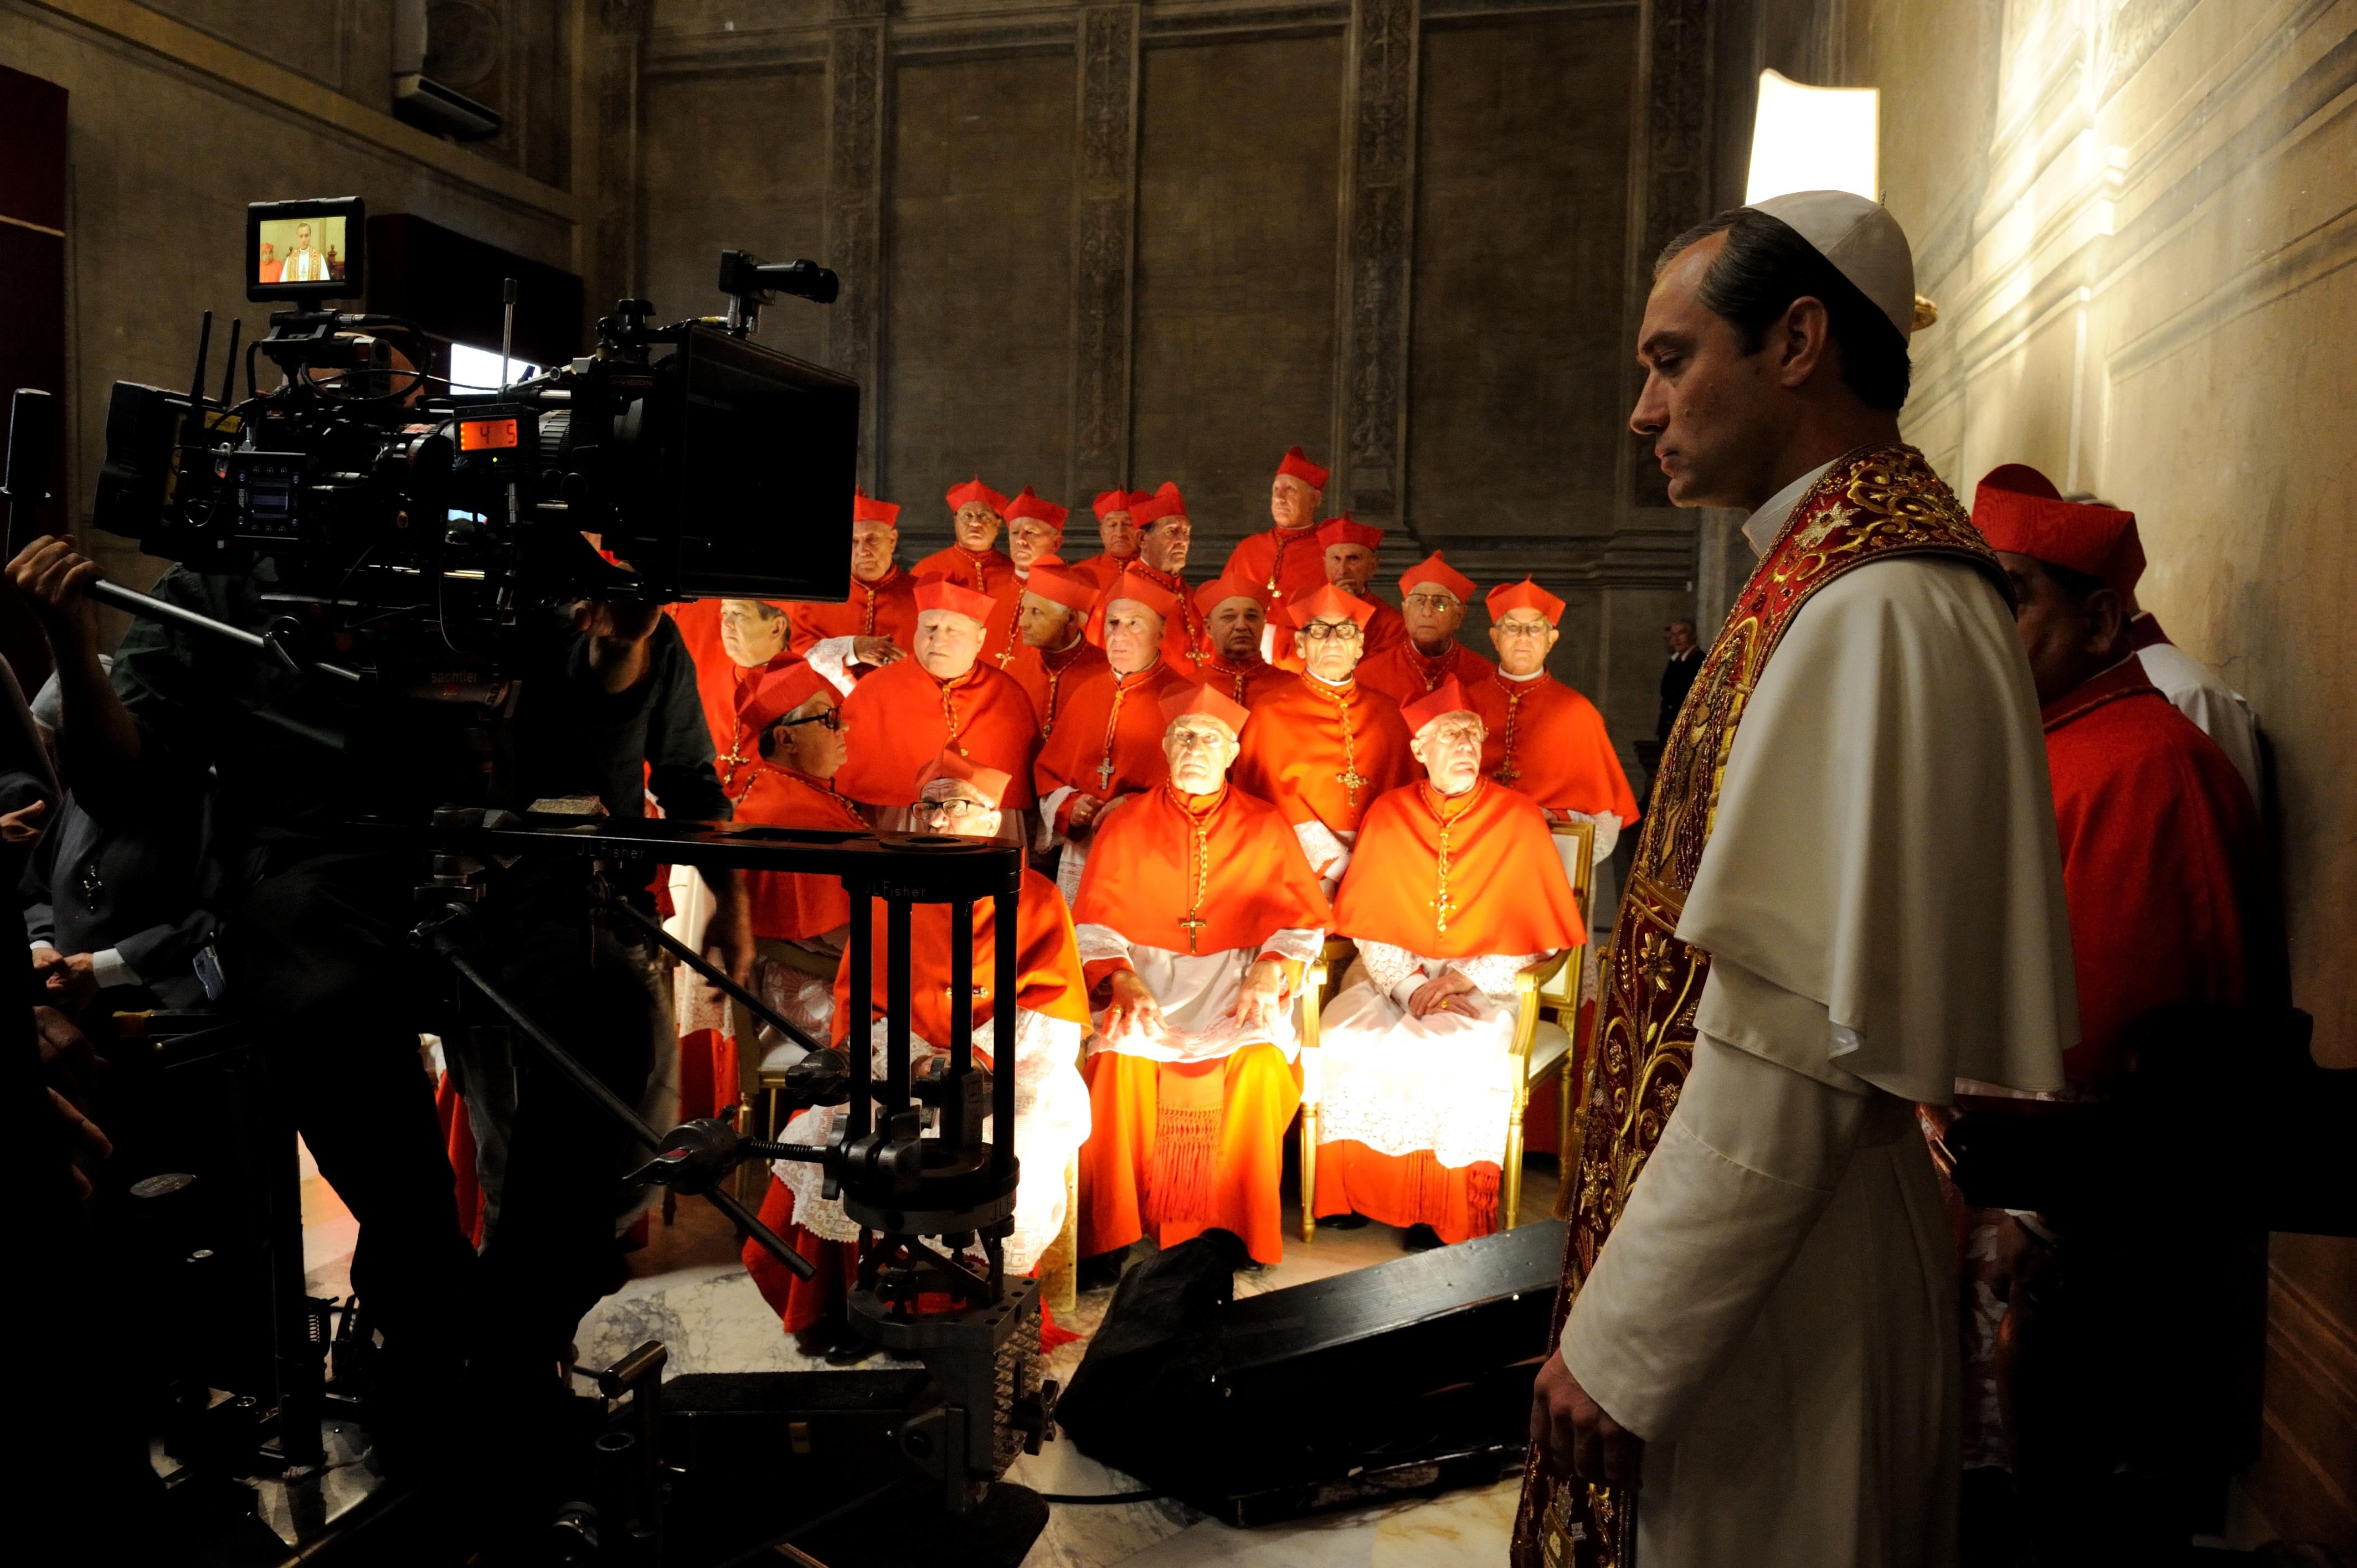 """THE YOUNG POPE – Il Papa moderno di Sorrentino - Perché Sorrentino aveva bisogno di lavorare per la televisione? """"Al giorno d'oggi non ho paura di firmare ciò che può essere definito televisivo: non è più un aggettivo deteriore, ma segno che la realt"""